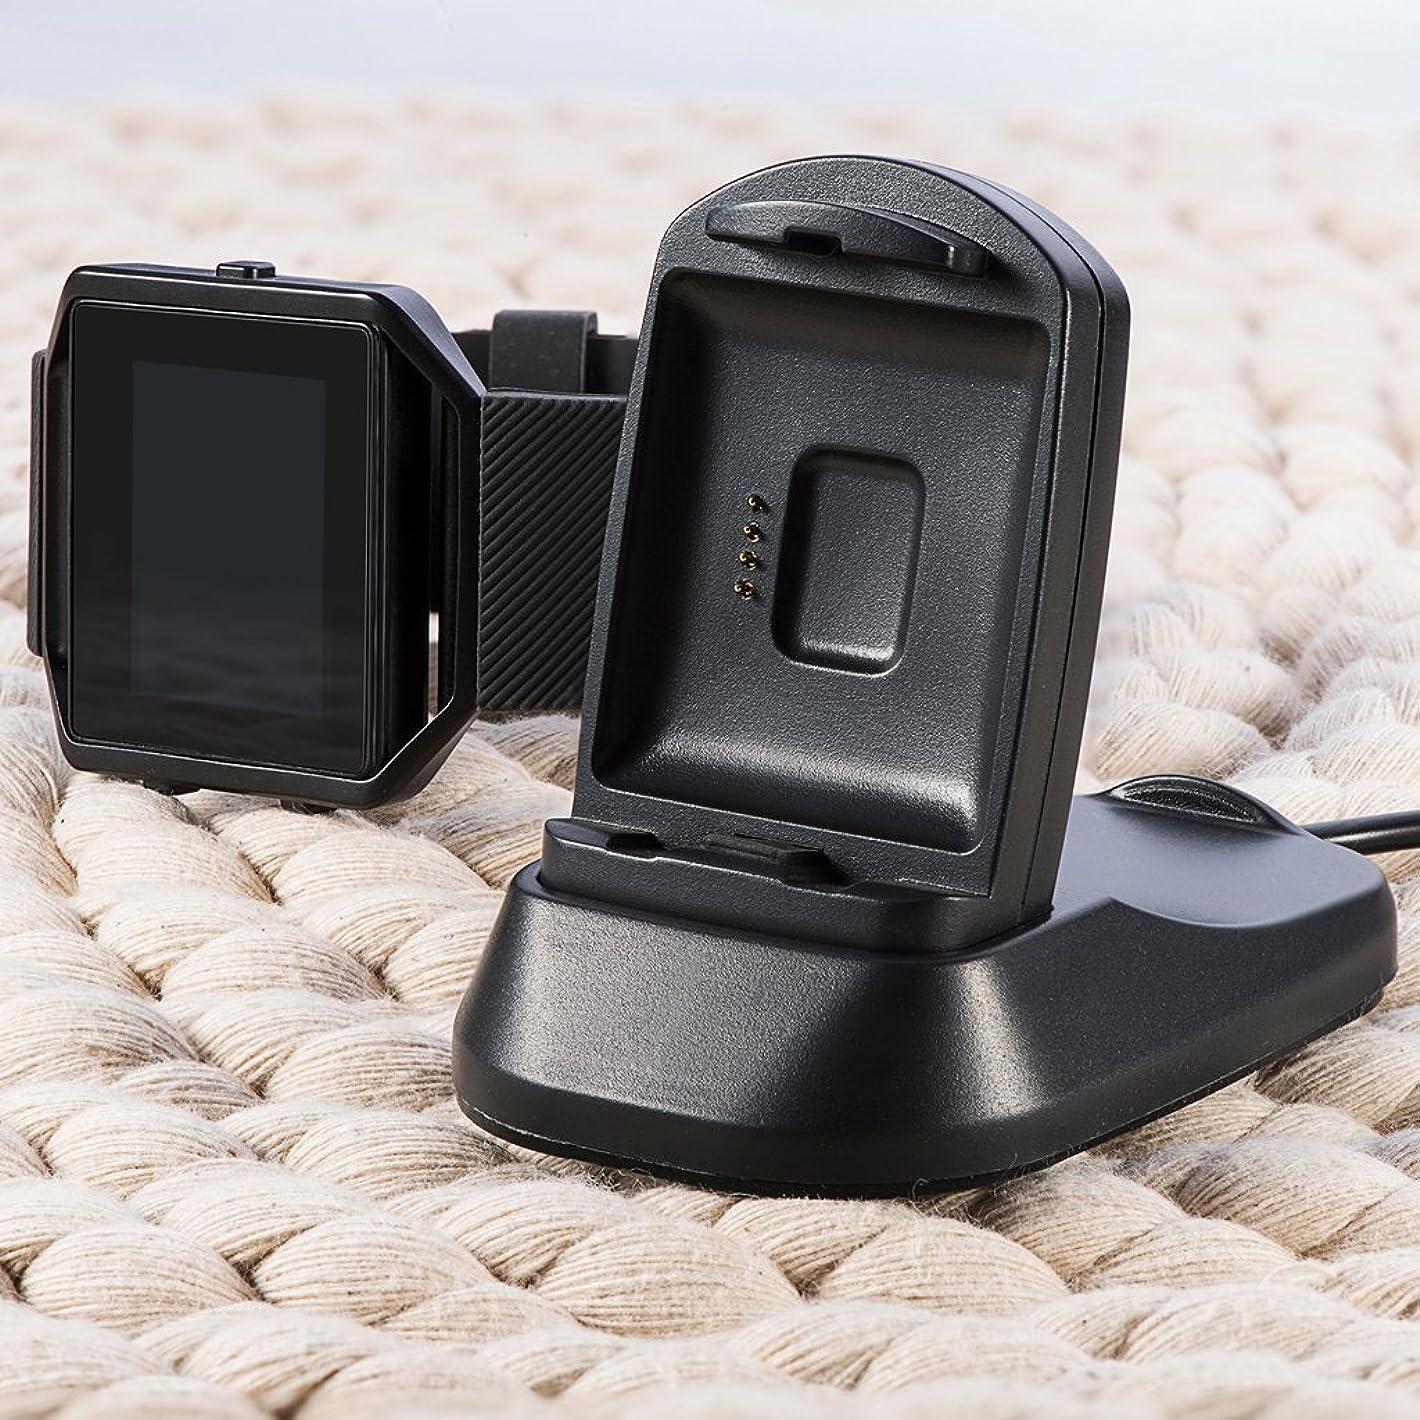 ピストン山岳人里離れたFLAMEER Fitbit Blazeに適合 黒 スマートウォッチ 充電スタンド USBケー ブル クレードル 充電ドック